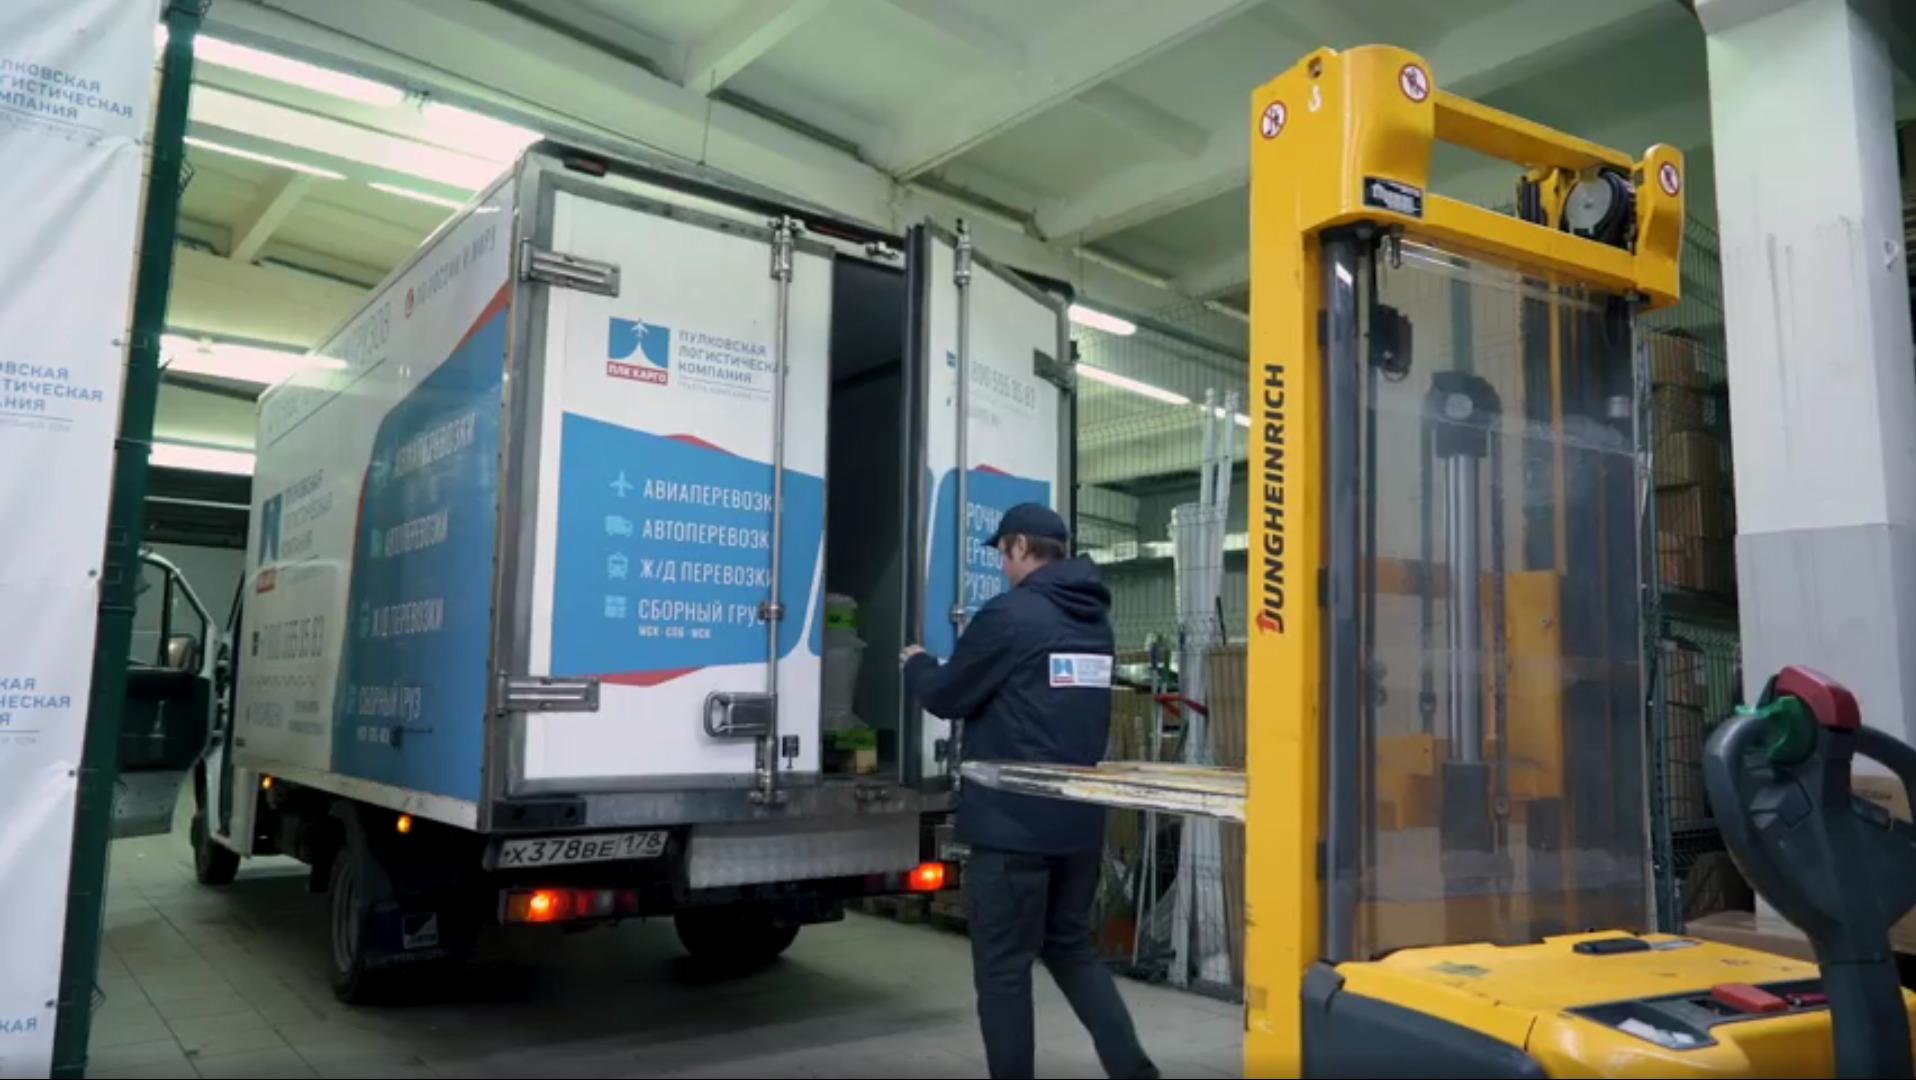 Складская обработка и авиадоставка грузов